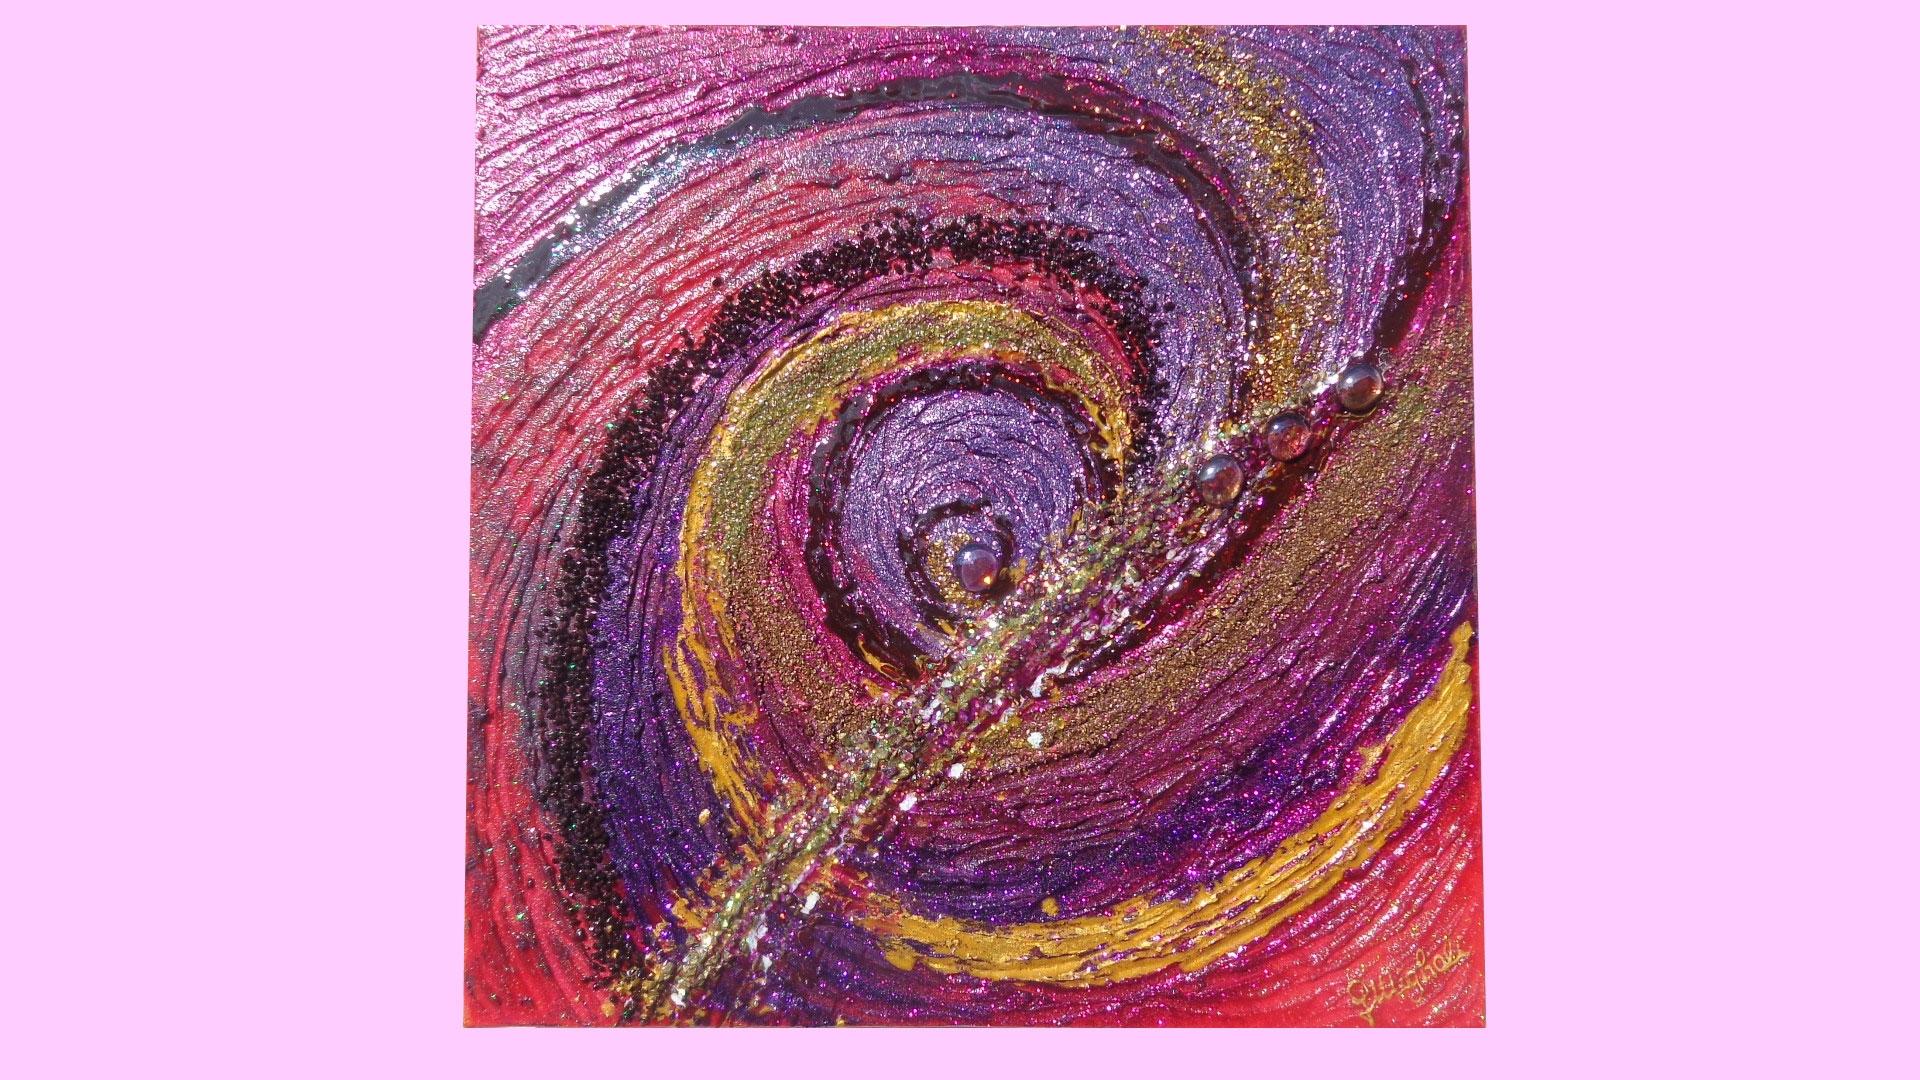 39 vortice materico astratto 39 vendita quadri online for Quadri astratti immagini